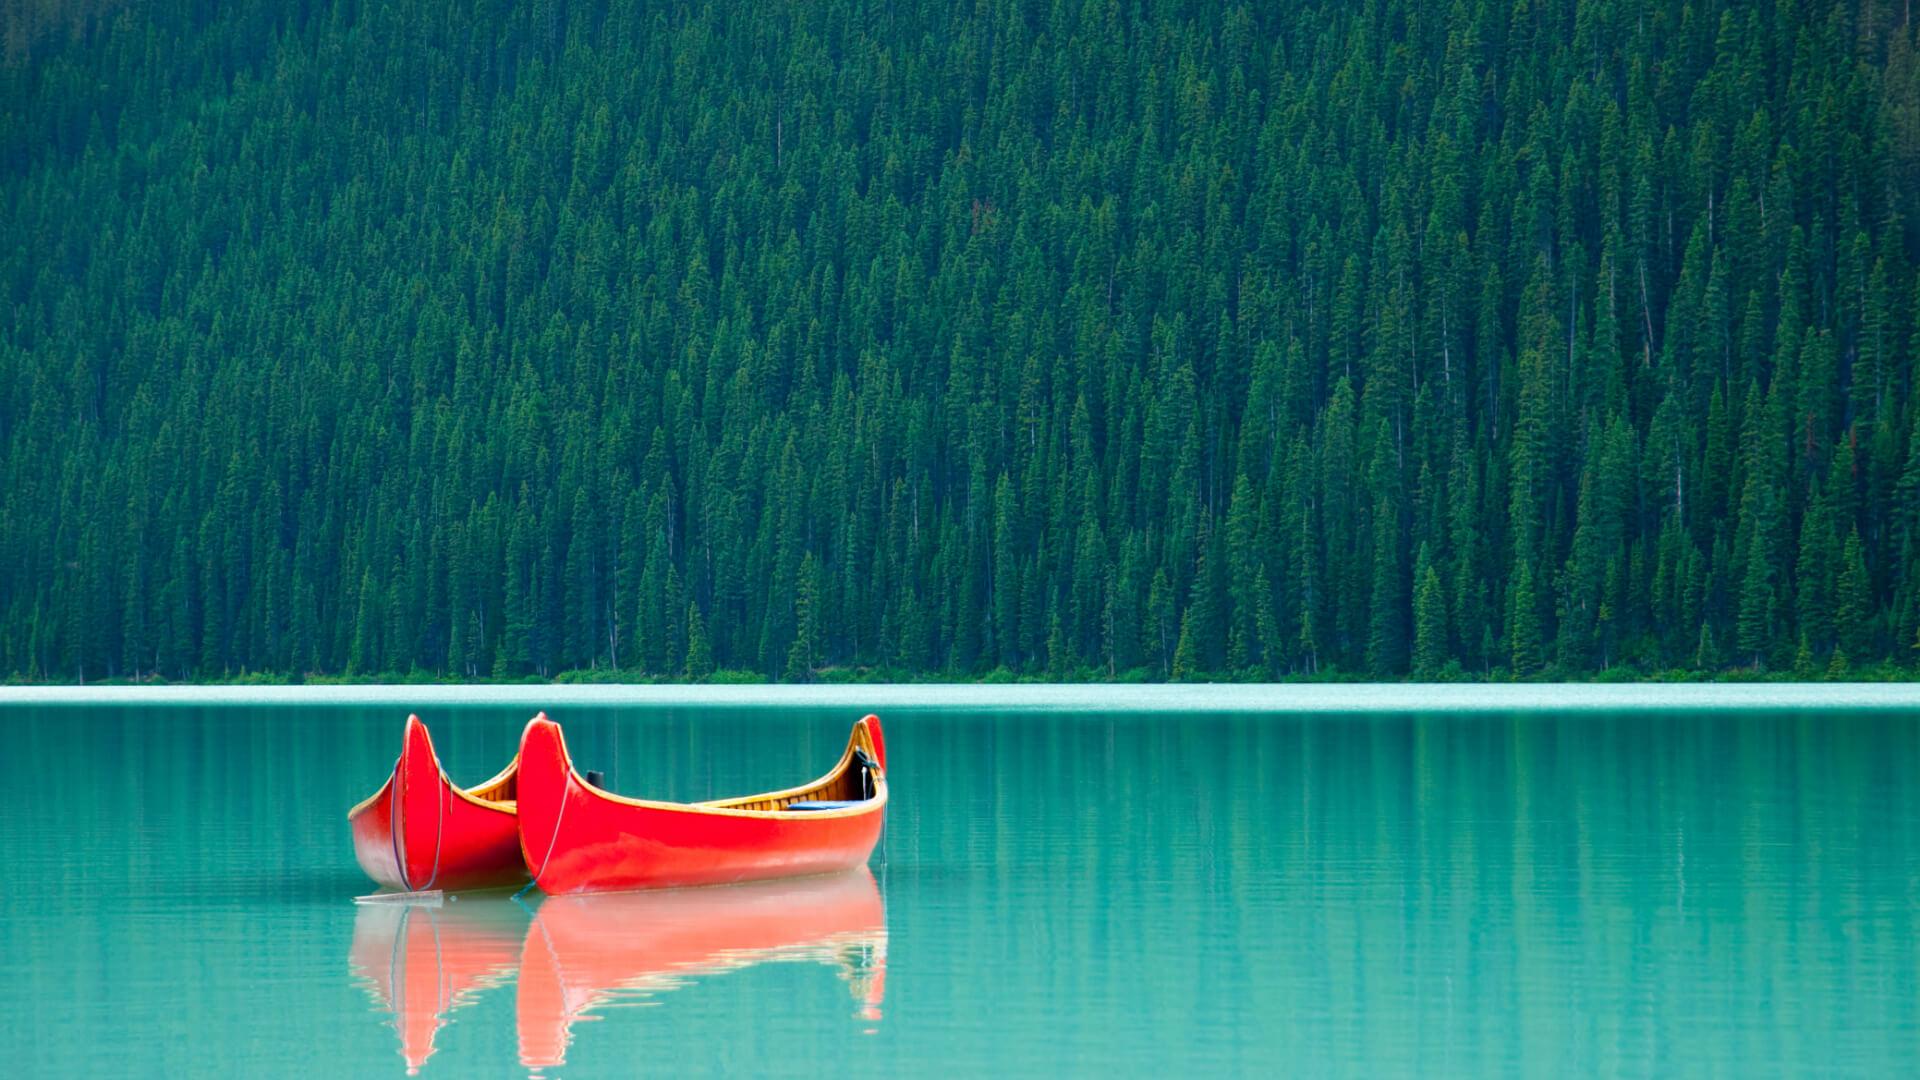 Göllerin ve Dağların Büyüsü Alberta, Kanada